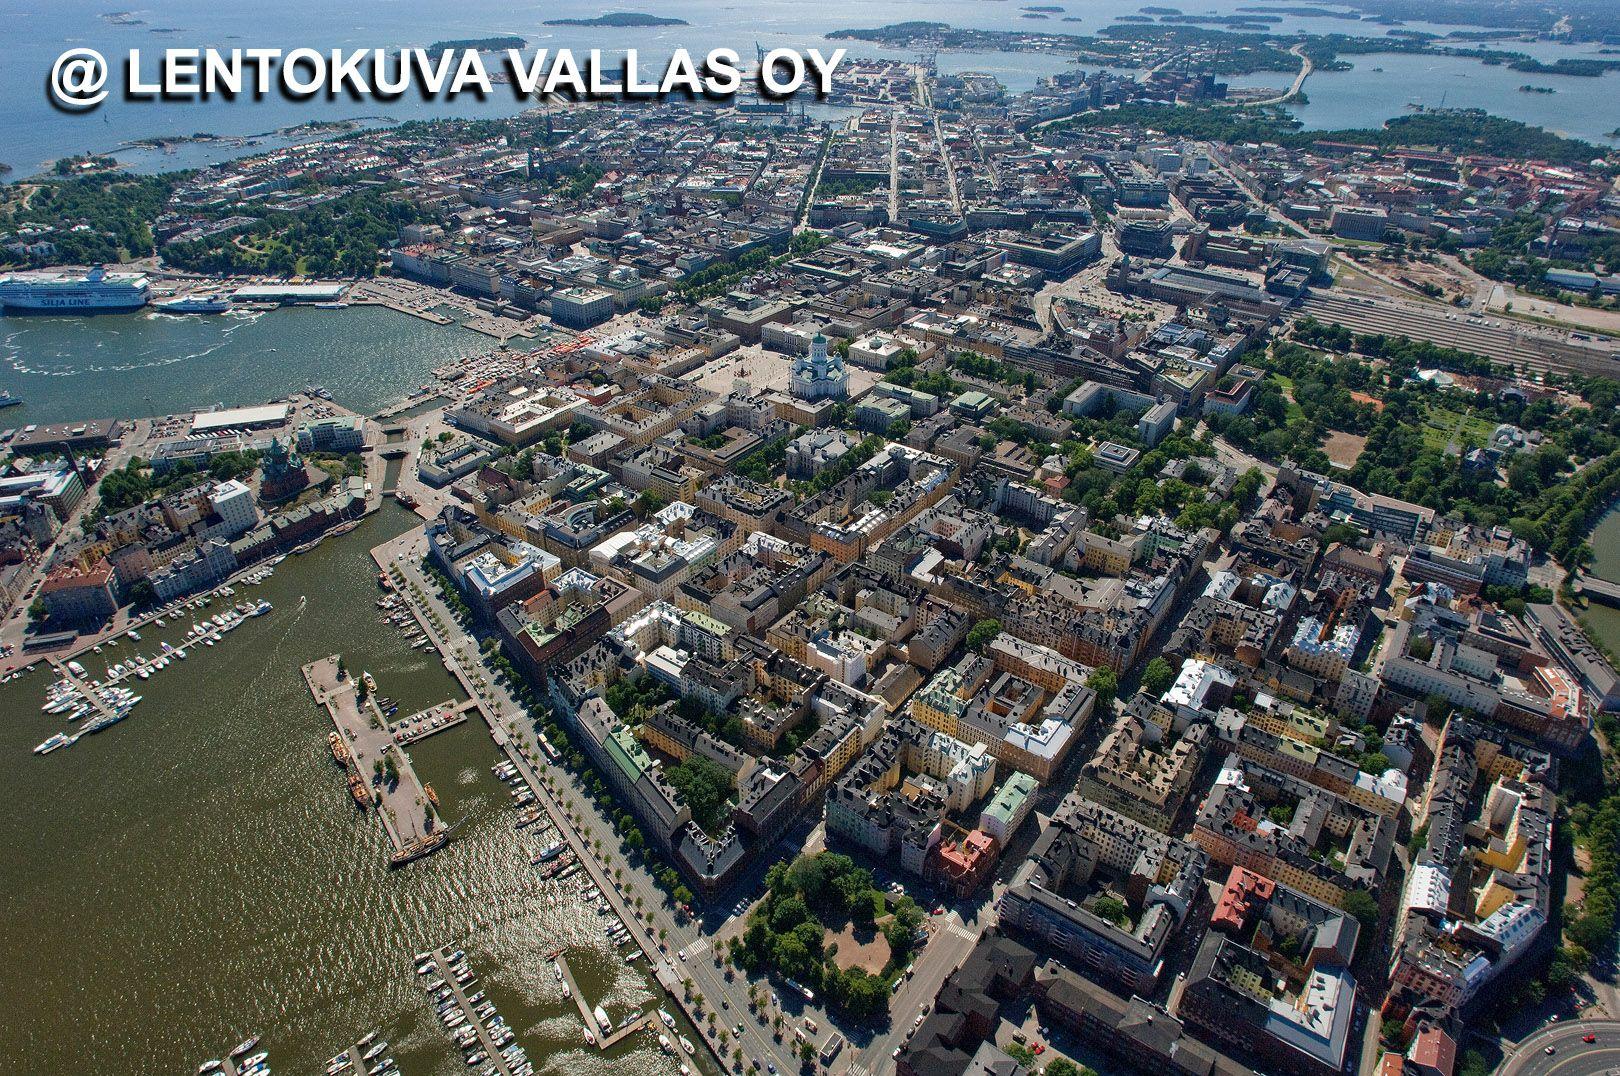 Helsinki Laajoja Nakymia Ilmasta Ilmakuva Lentokuva Vallas Oy